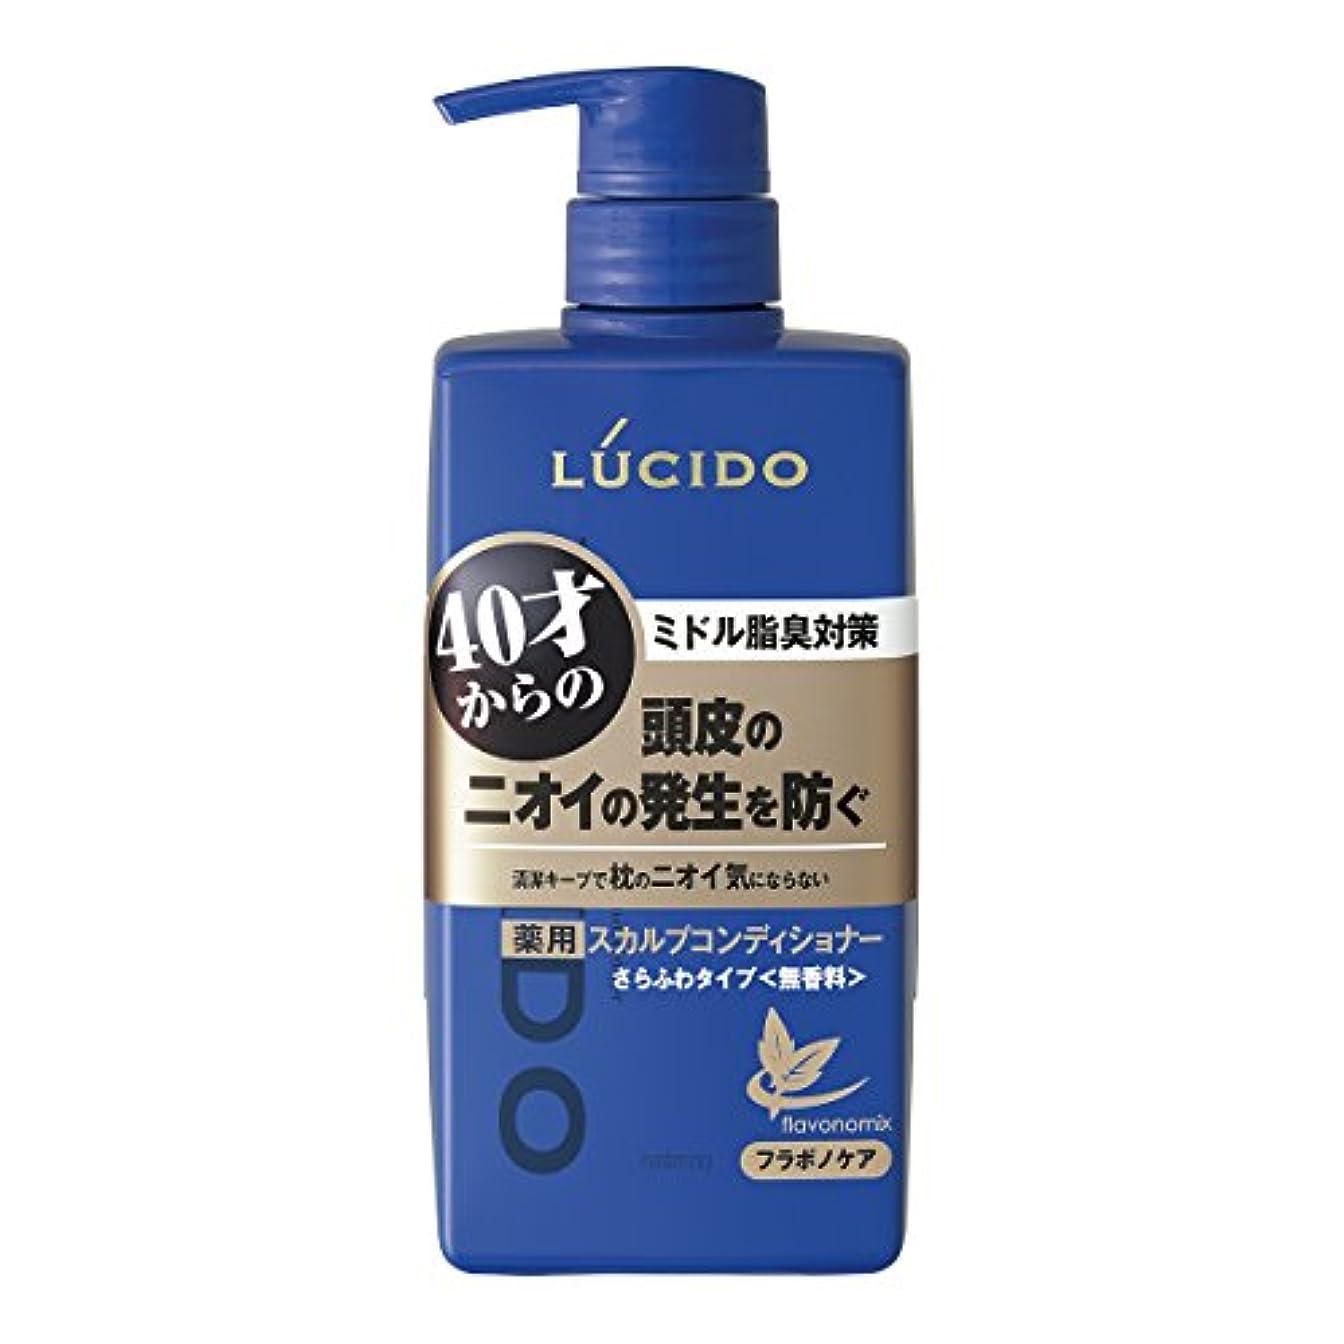 見つけるアーティスト怖いルシード 薬用ヘア&スカルプコンディショナー 450g(医薬部外品)